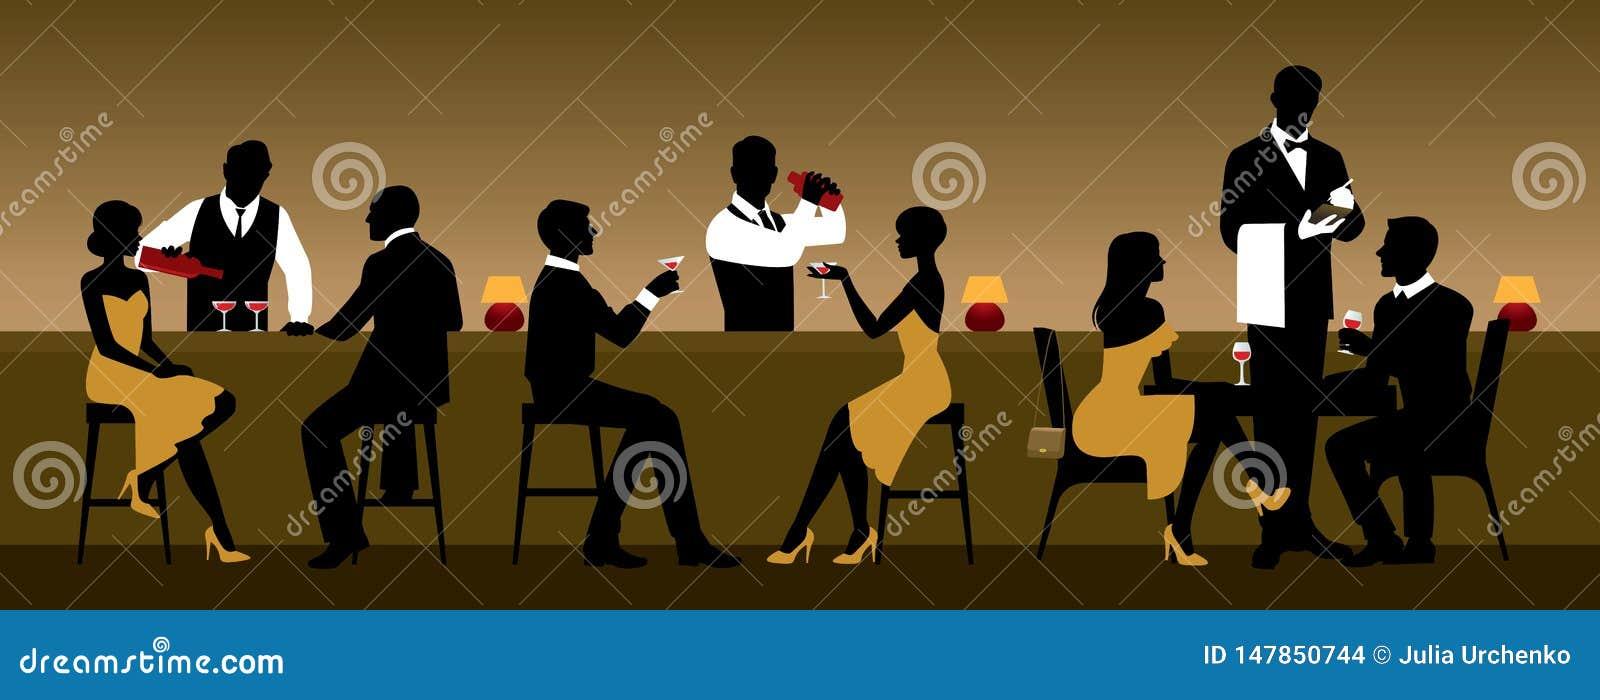 Män och kvinnor vilar i en nattklubb nära stångräknaren